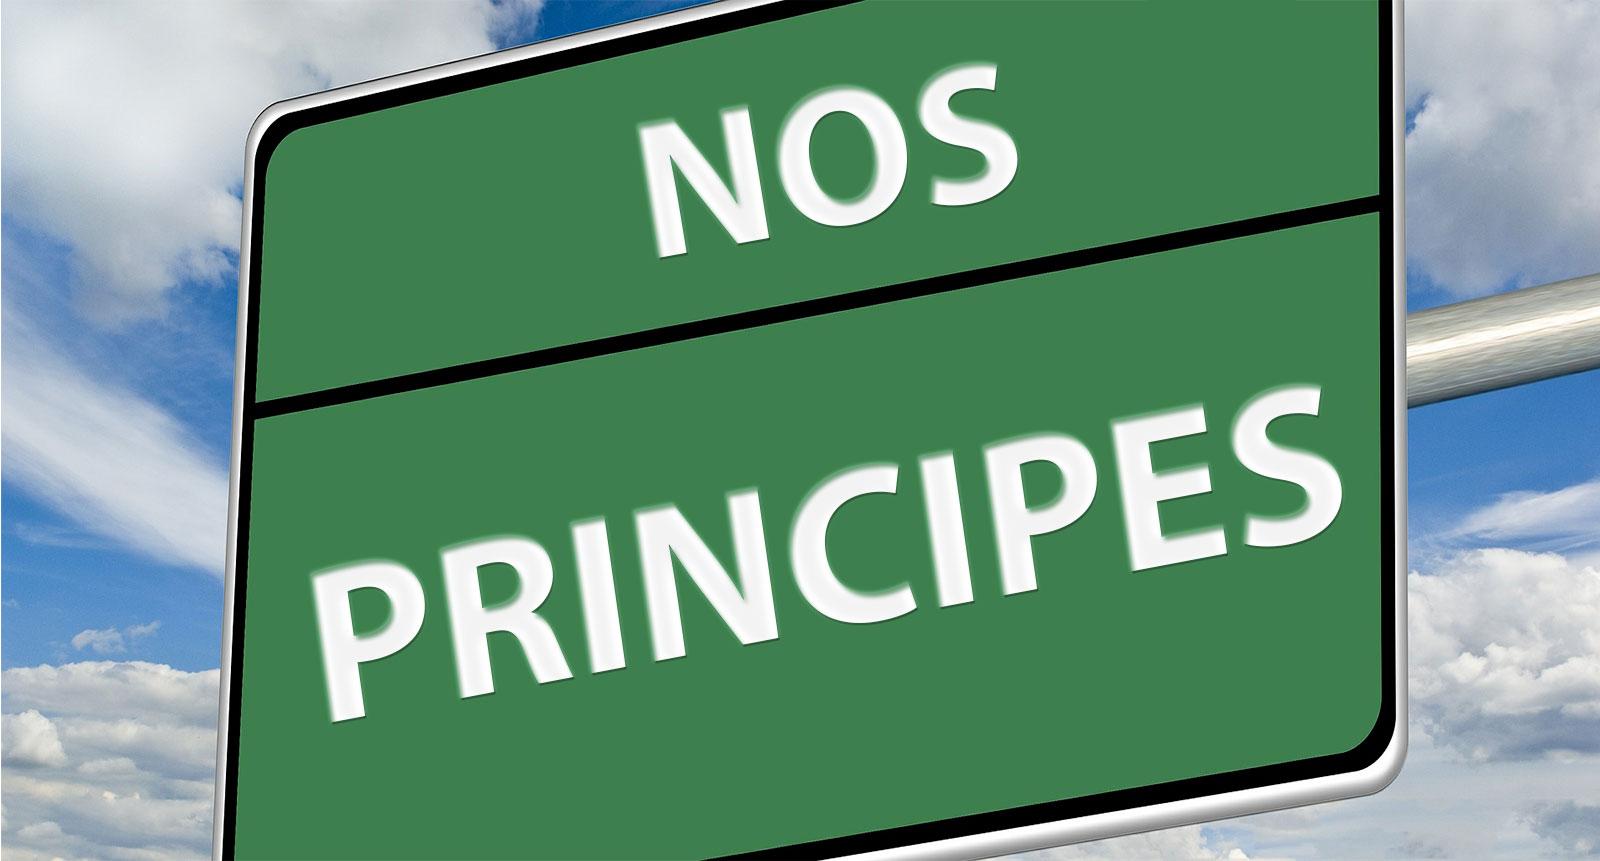 Nos principes